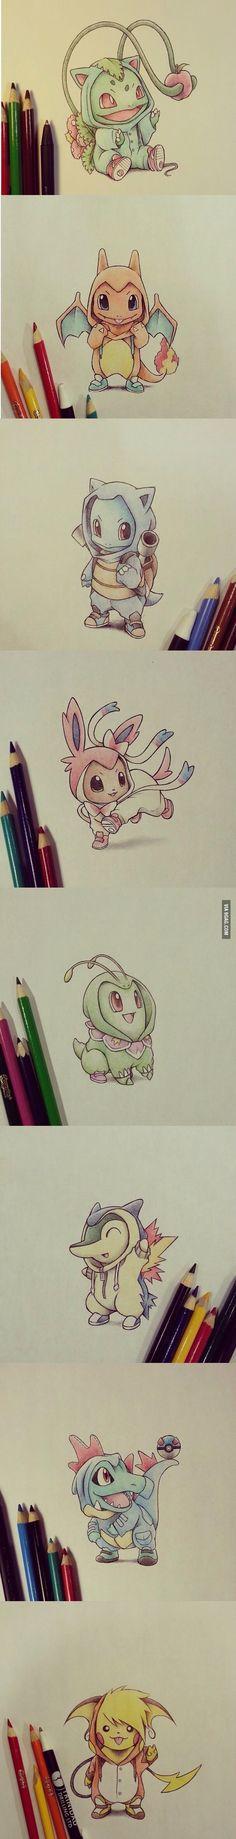 32 Best Cute Pokemon Images In 2013 Cute Pokemon